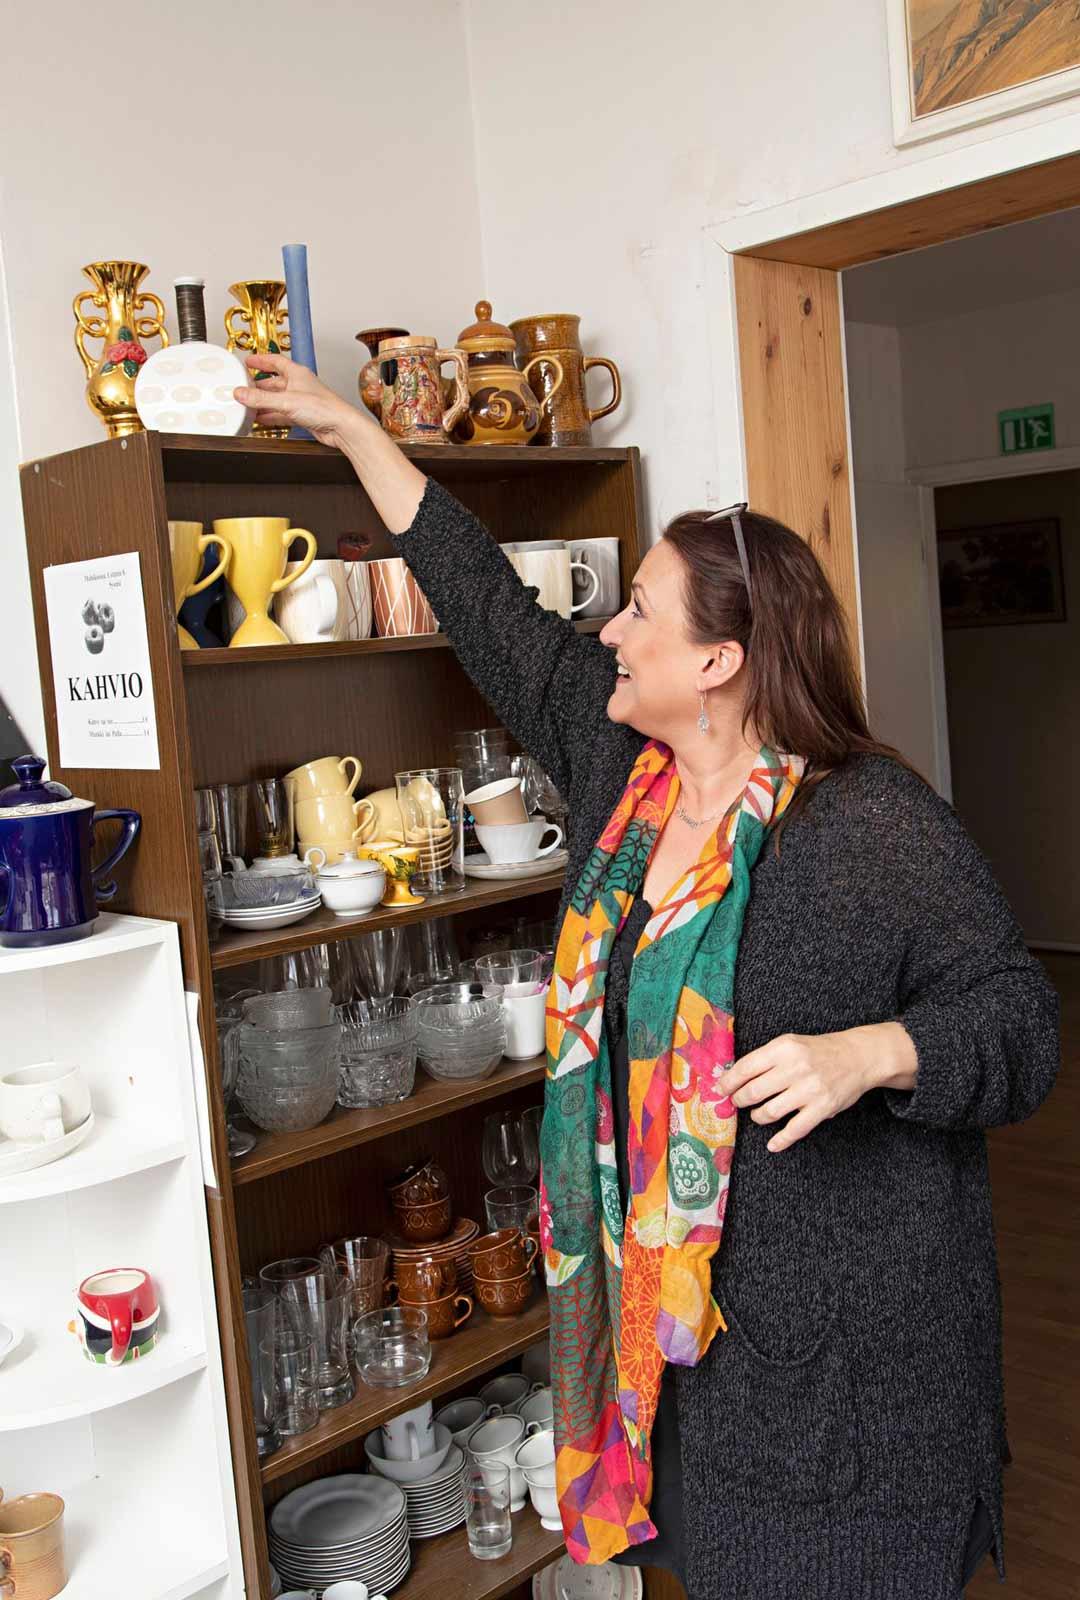 Tiukka budjetti on opettanut Rinna Paatsoa tarkkailemaan hintoja myös kirpputoreilla. Hän on huomannut, että hintataso saattaa vaihdella paljonkin eri paikoissa.